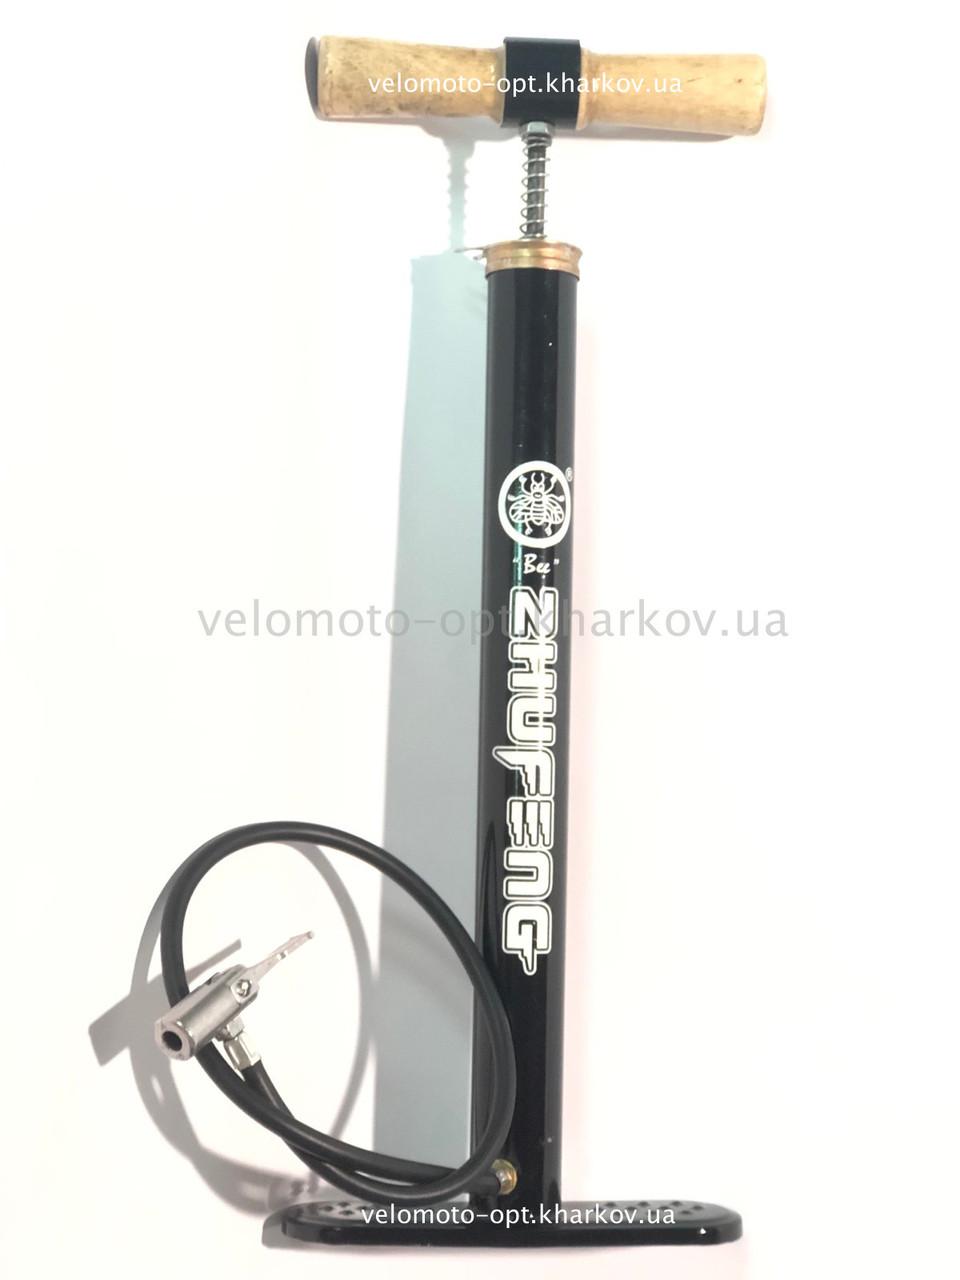 Насос підлоговий ручної Zhufeng, чорний з дерев'яною ручкою